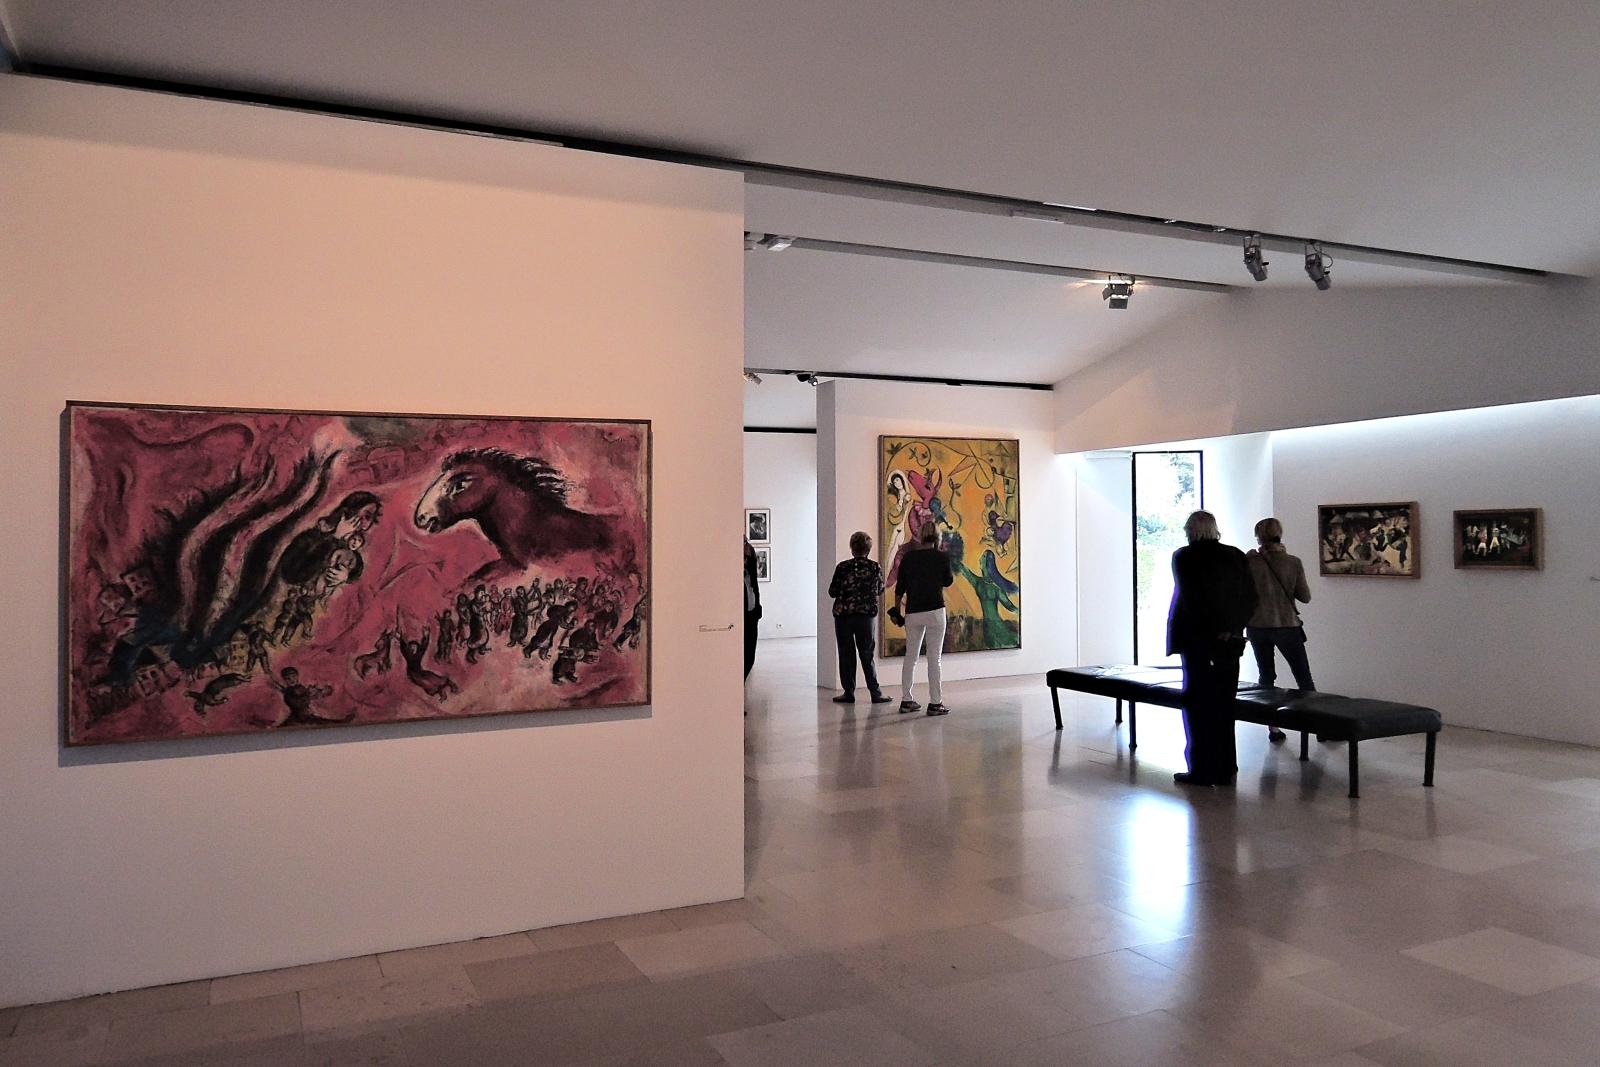 Национальный музей Марка Шагала, один из залов